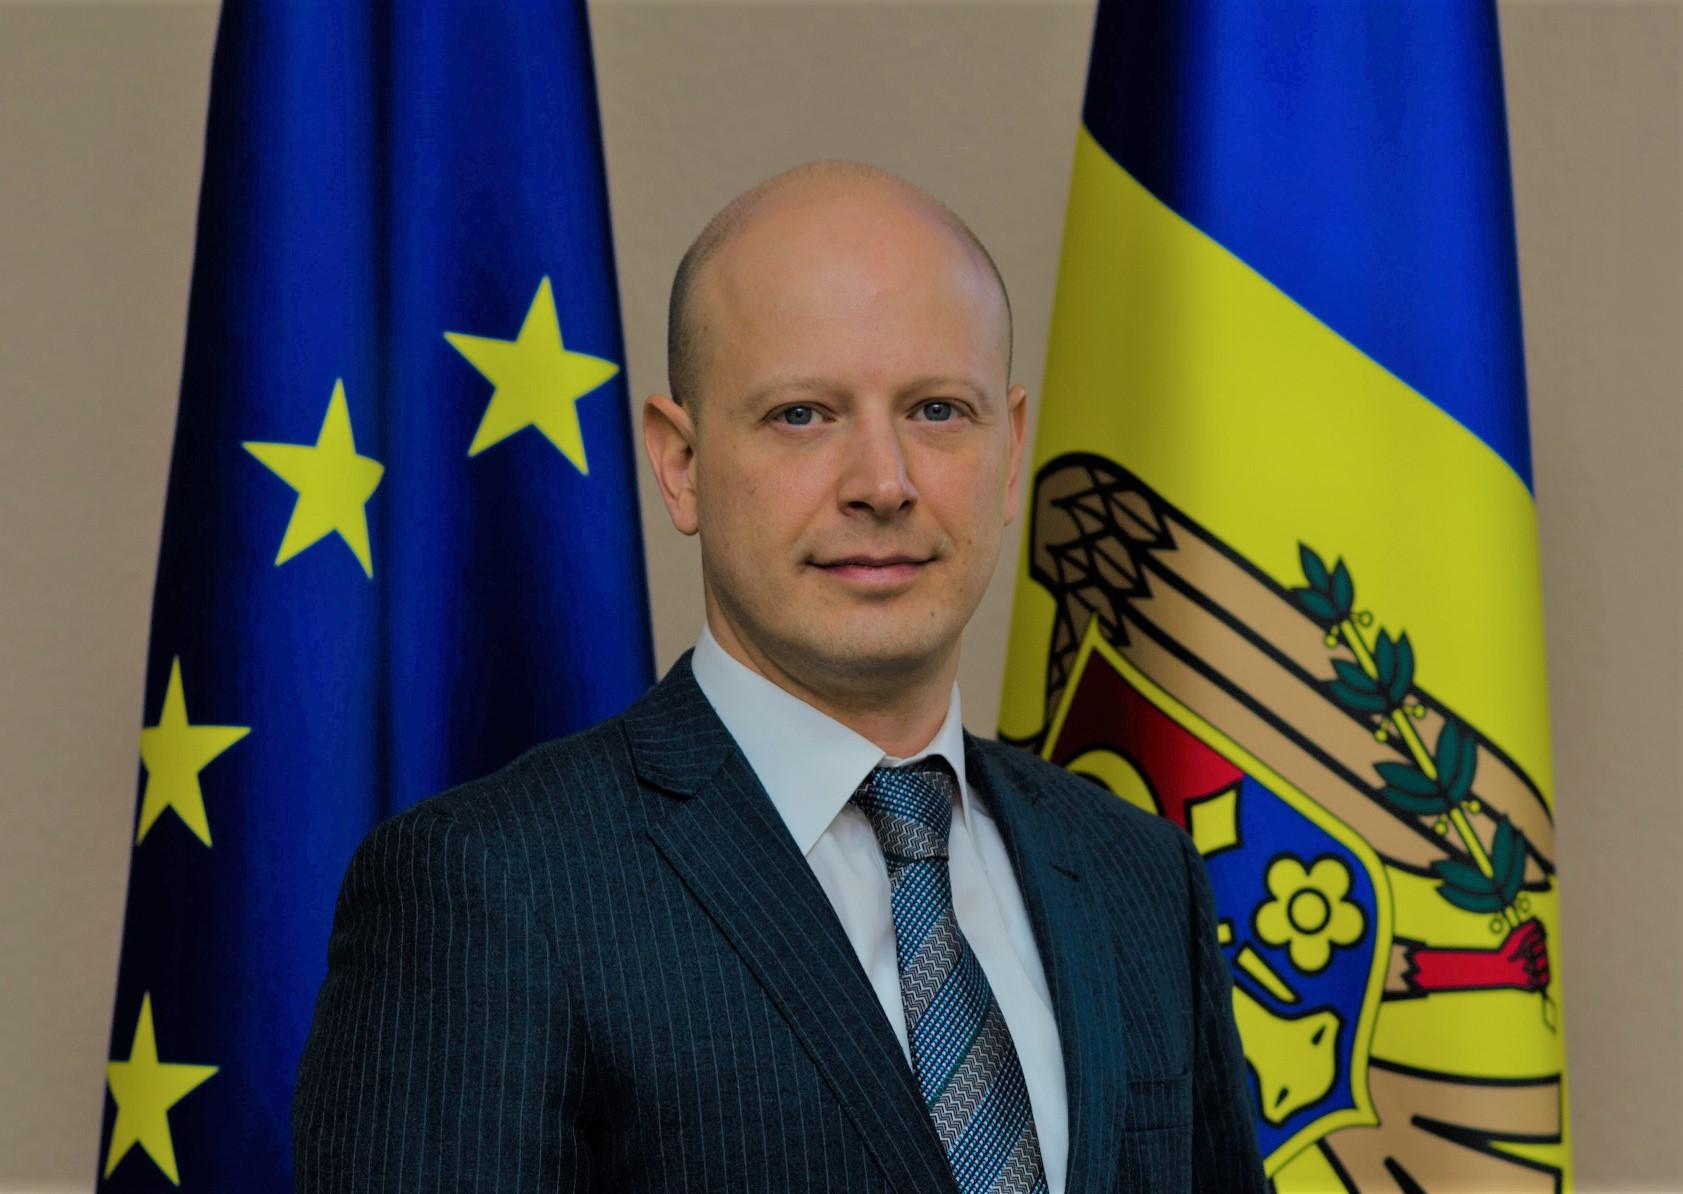 (INTERVIU) Eugen Coştei: Cea mai mare provocare pentru anul 2020 este excluderea operatorilor aerieni naționali din lista de siguranță a Uniunii Europene